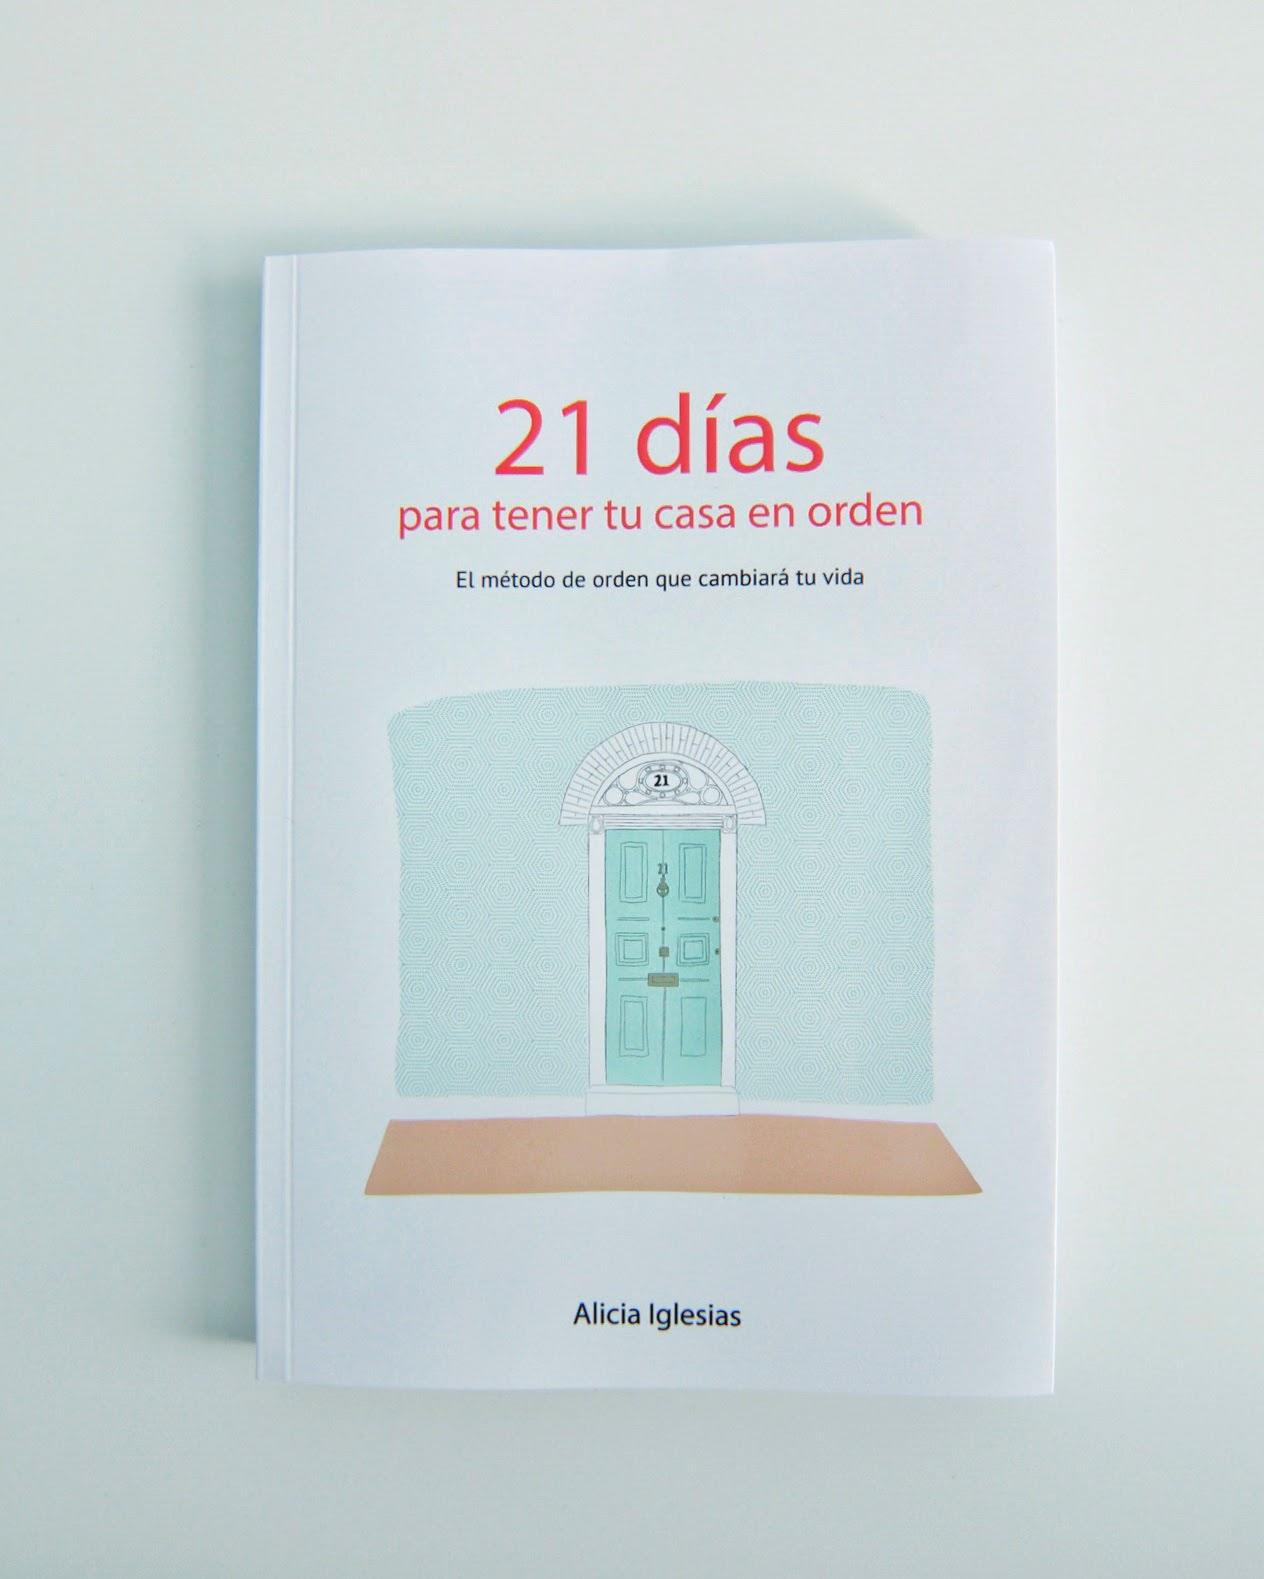 21 d as para tener tu casa en orden libro f sico orden y limpieza en casa shop - Libro 21 dias para tener tu casa en orden ...